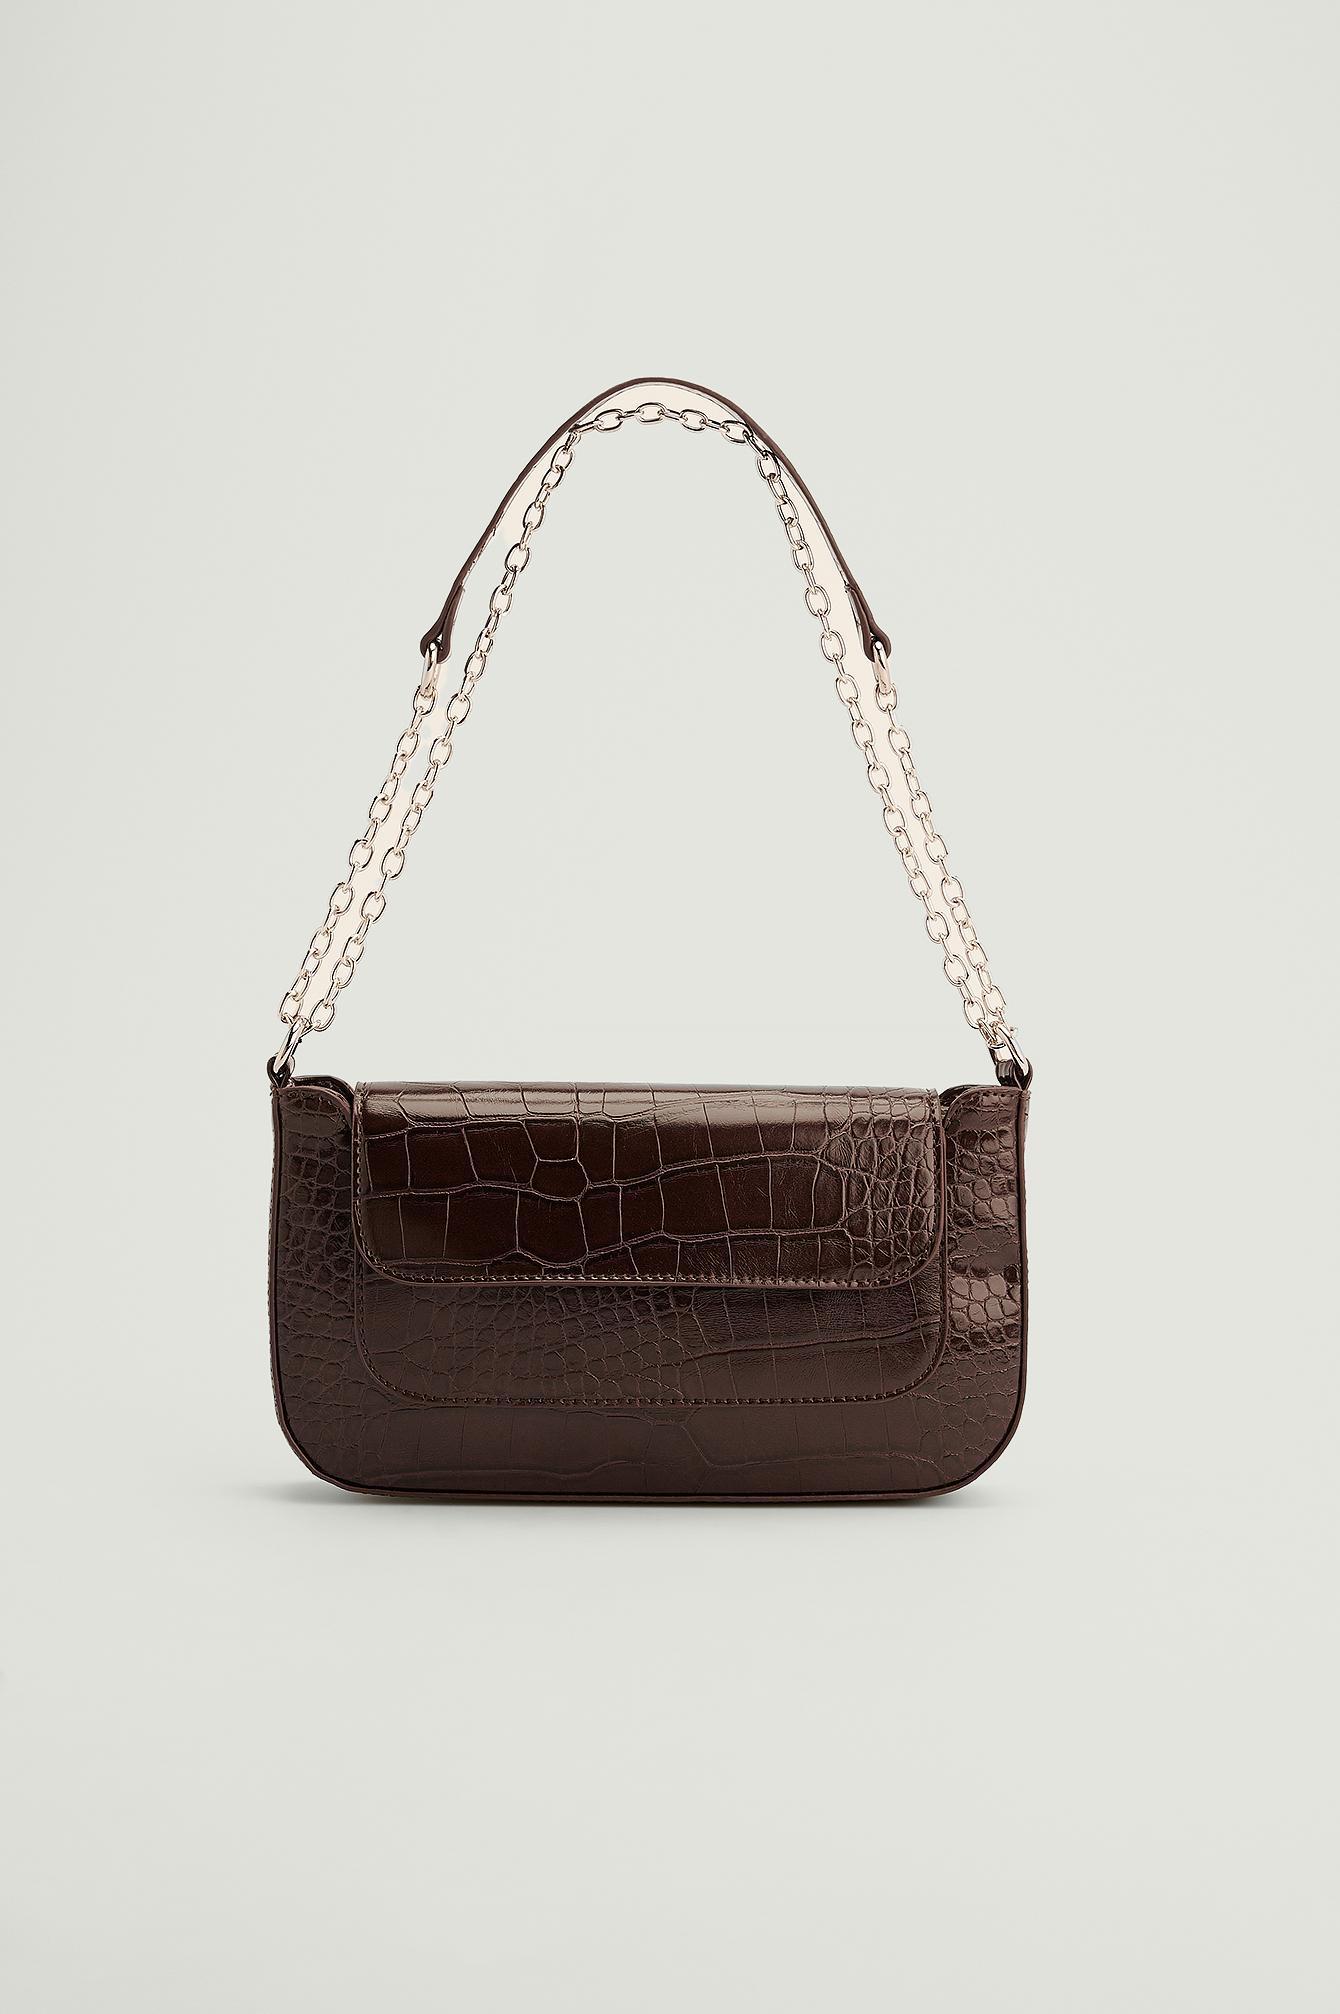 NA-KD Accessories Genanvendt Baguettetaske-taske Med Detalje På Lomme - Brown